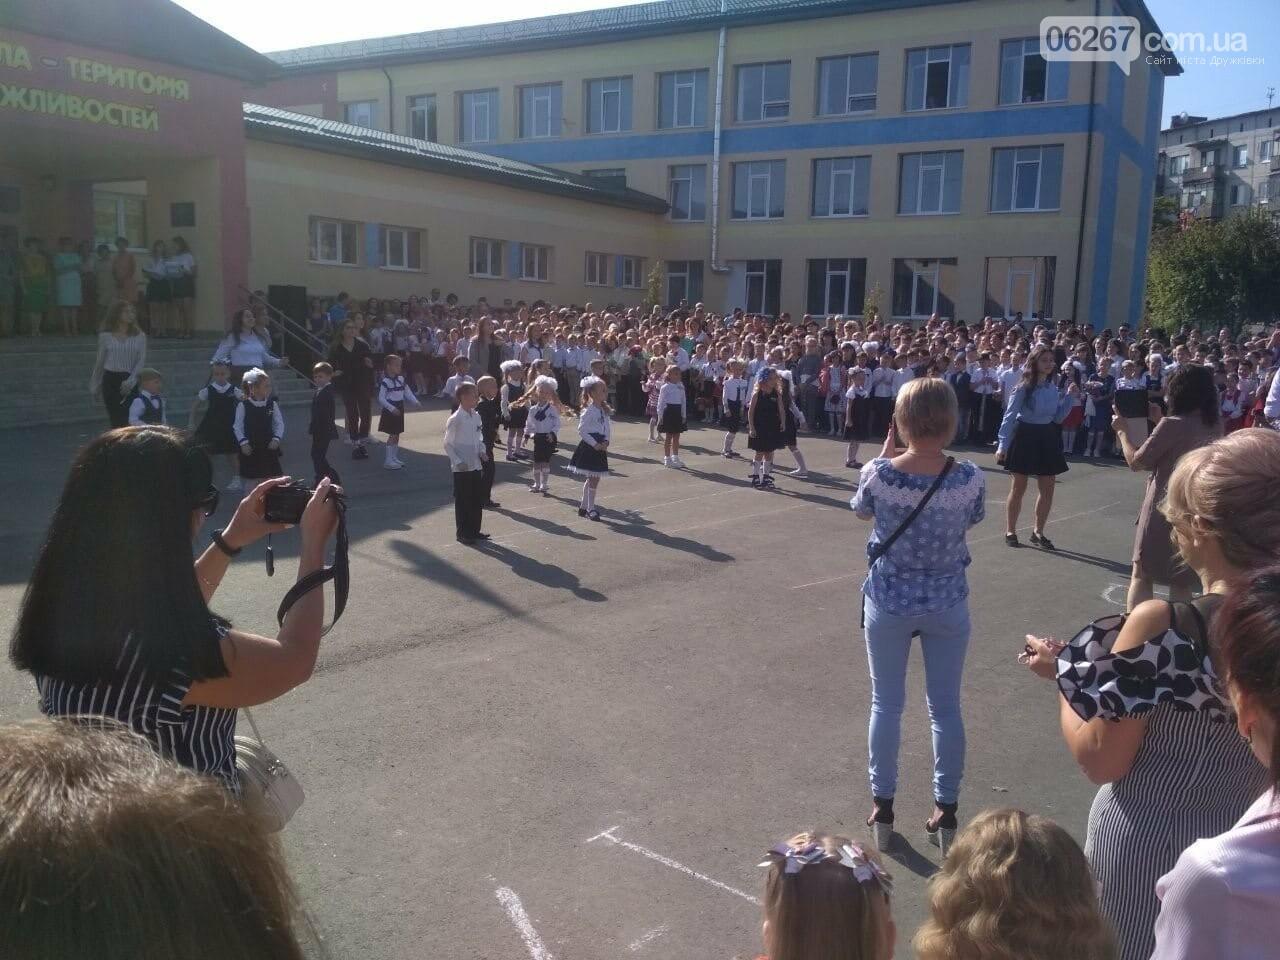 Дружківка: У школах міста сьогодні відбулося свято першого дзвоника (ФОТО), фото-6